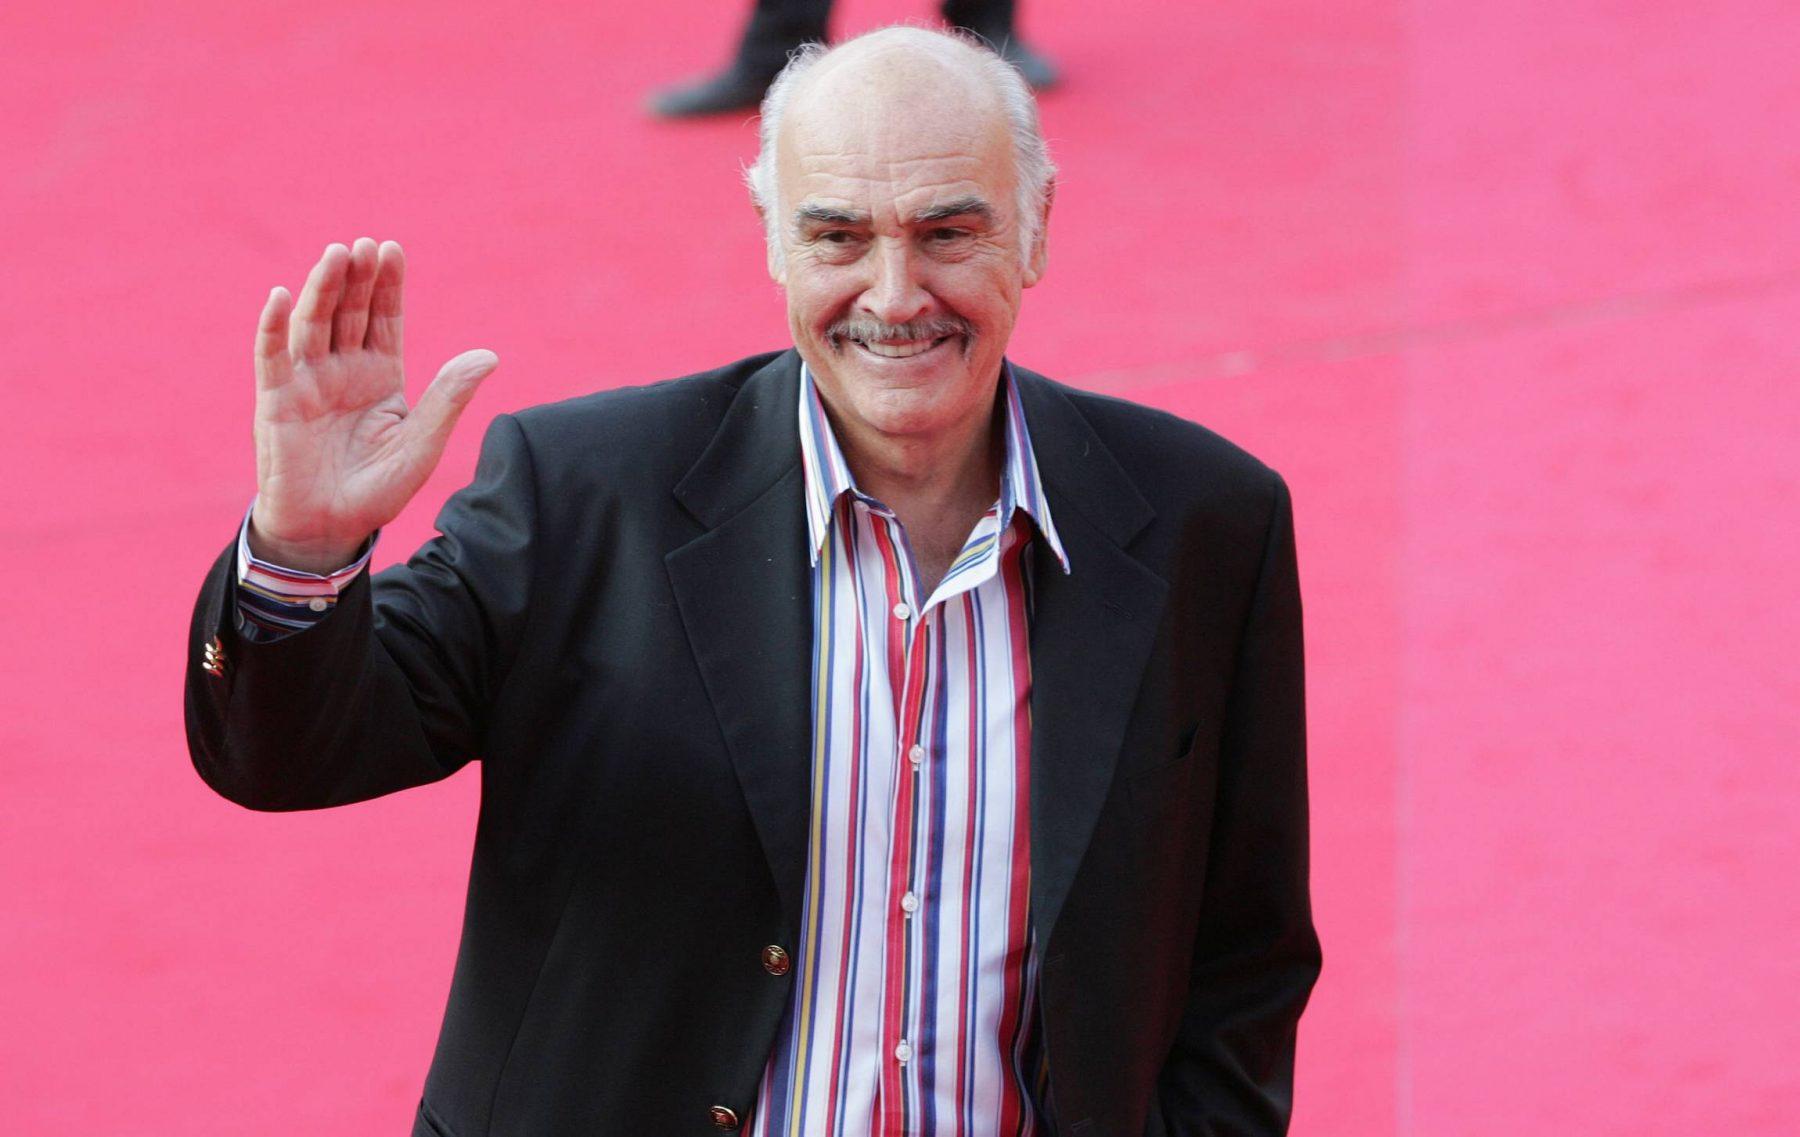 Doodsoorzaak acteur Sean Connery bekendgemaakt